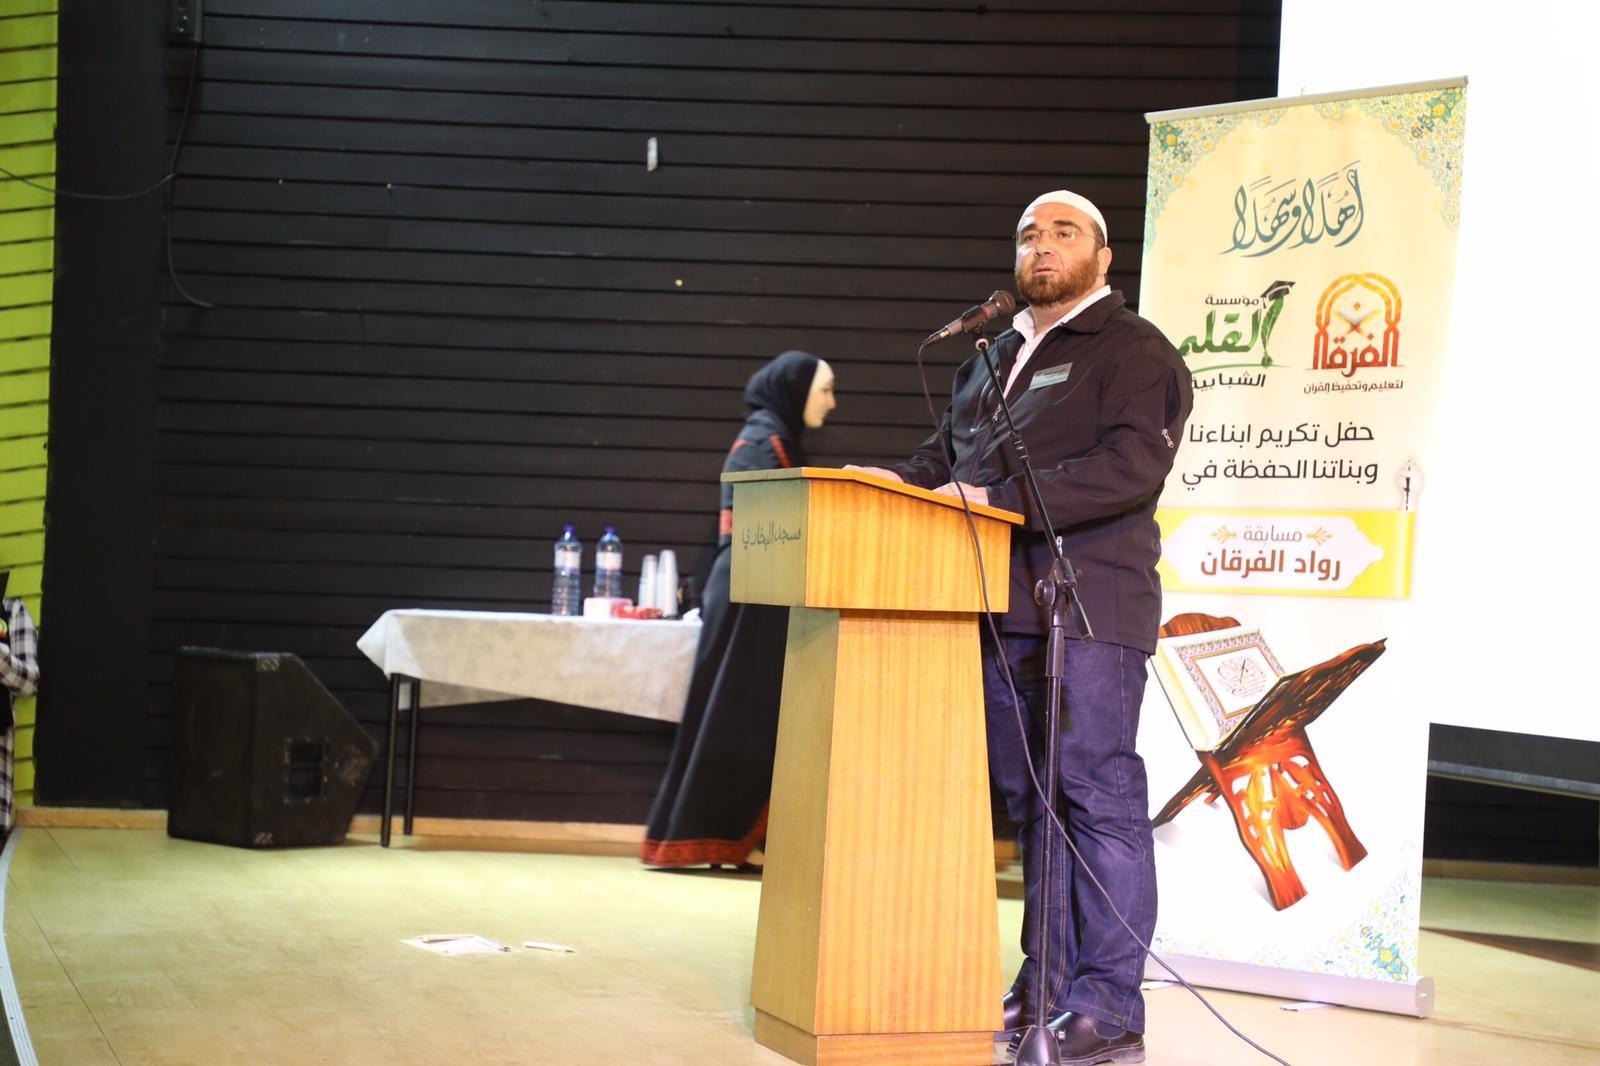 مؤسسة الفرقان لتحفيظ القرآن تكرم المتسابقين في مسابقة رواد الفرقان القطرية